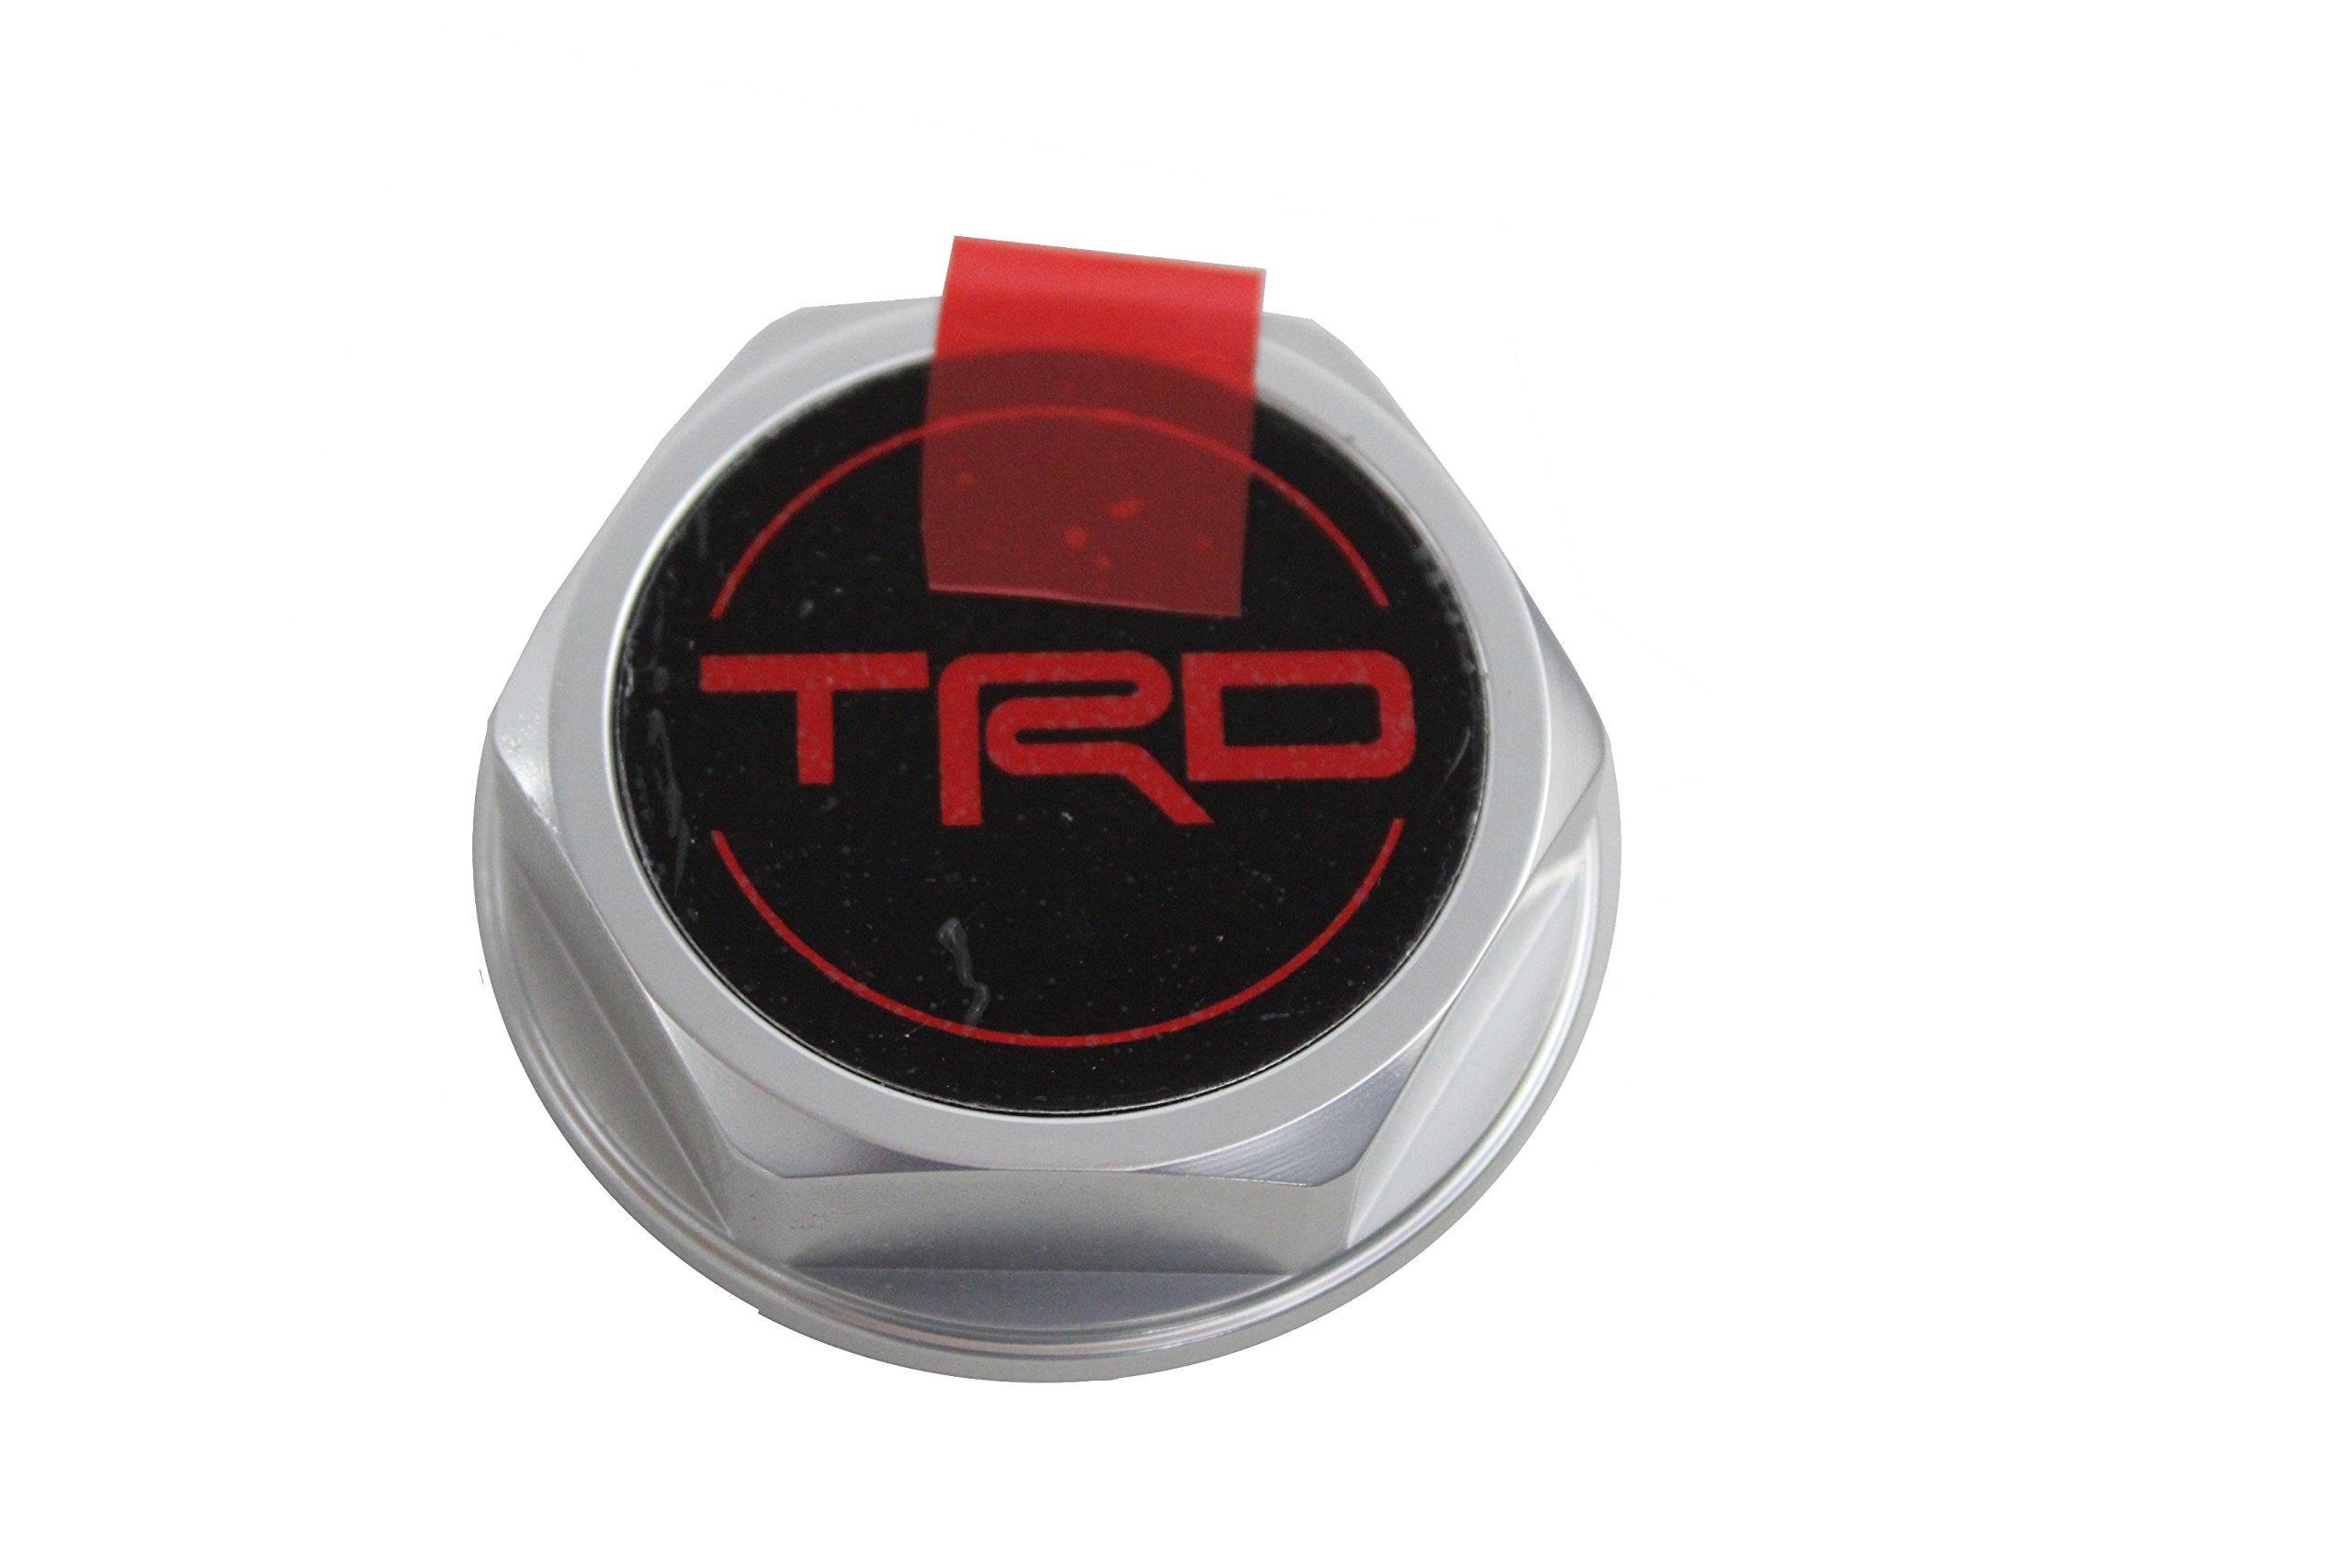 Genuine Toyota Accessories PTR35-00070 Forged Billet Aluminum TRD Oil Cap